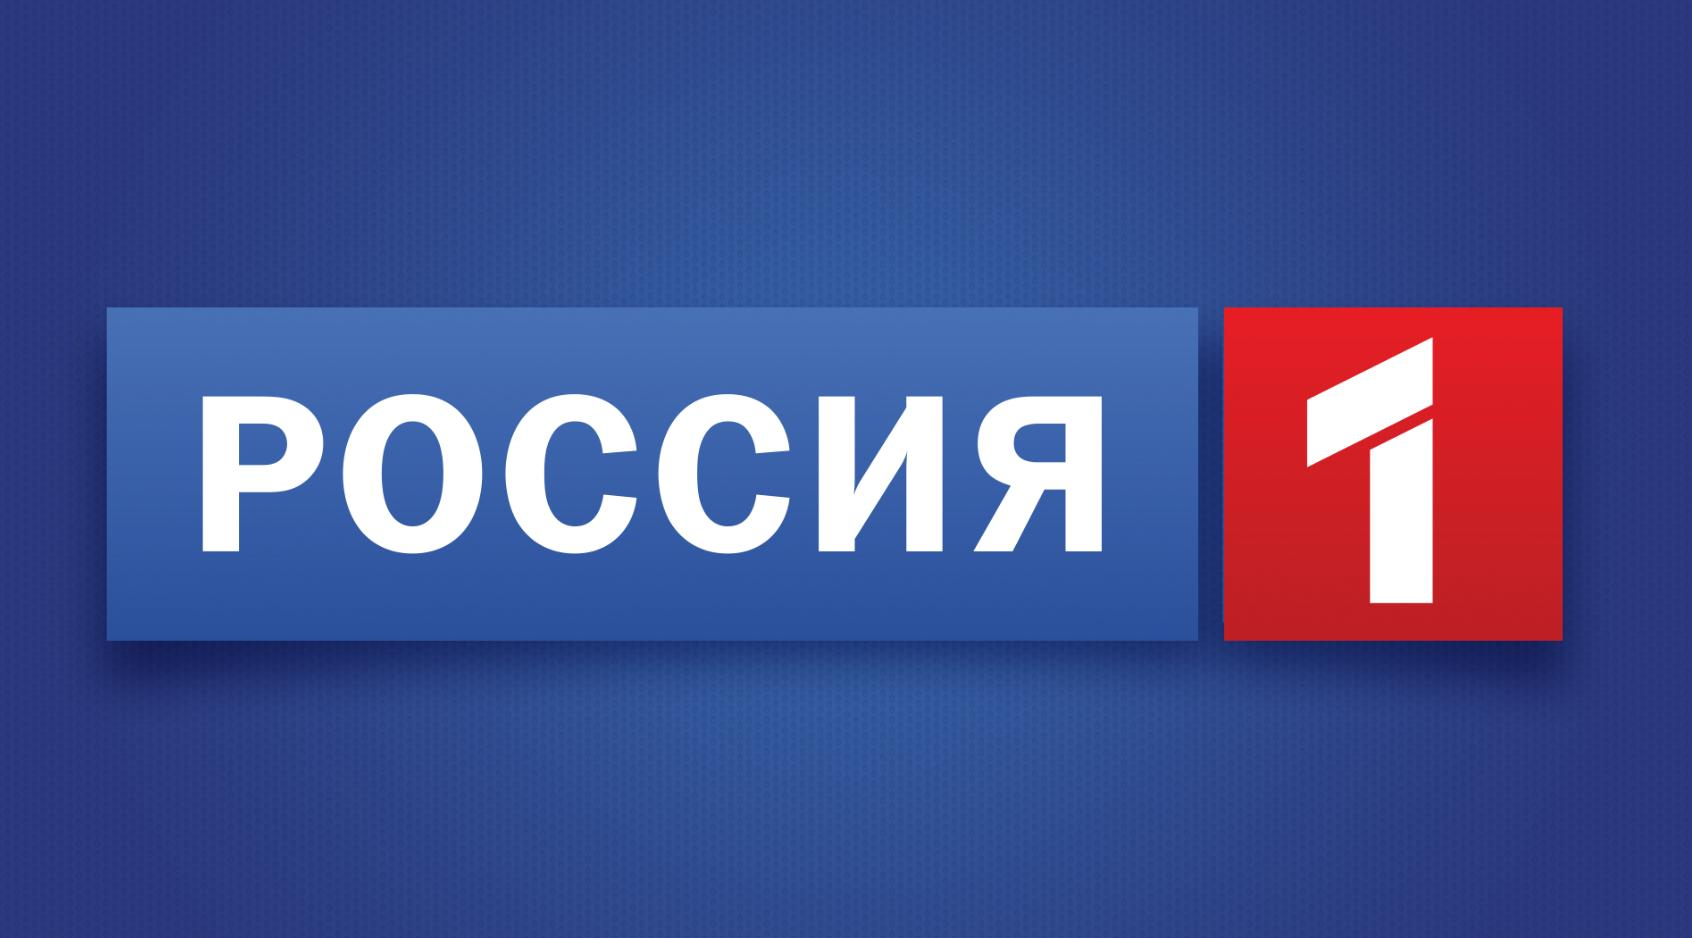 Программа передач россия 1 ртр на сегодня